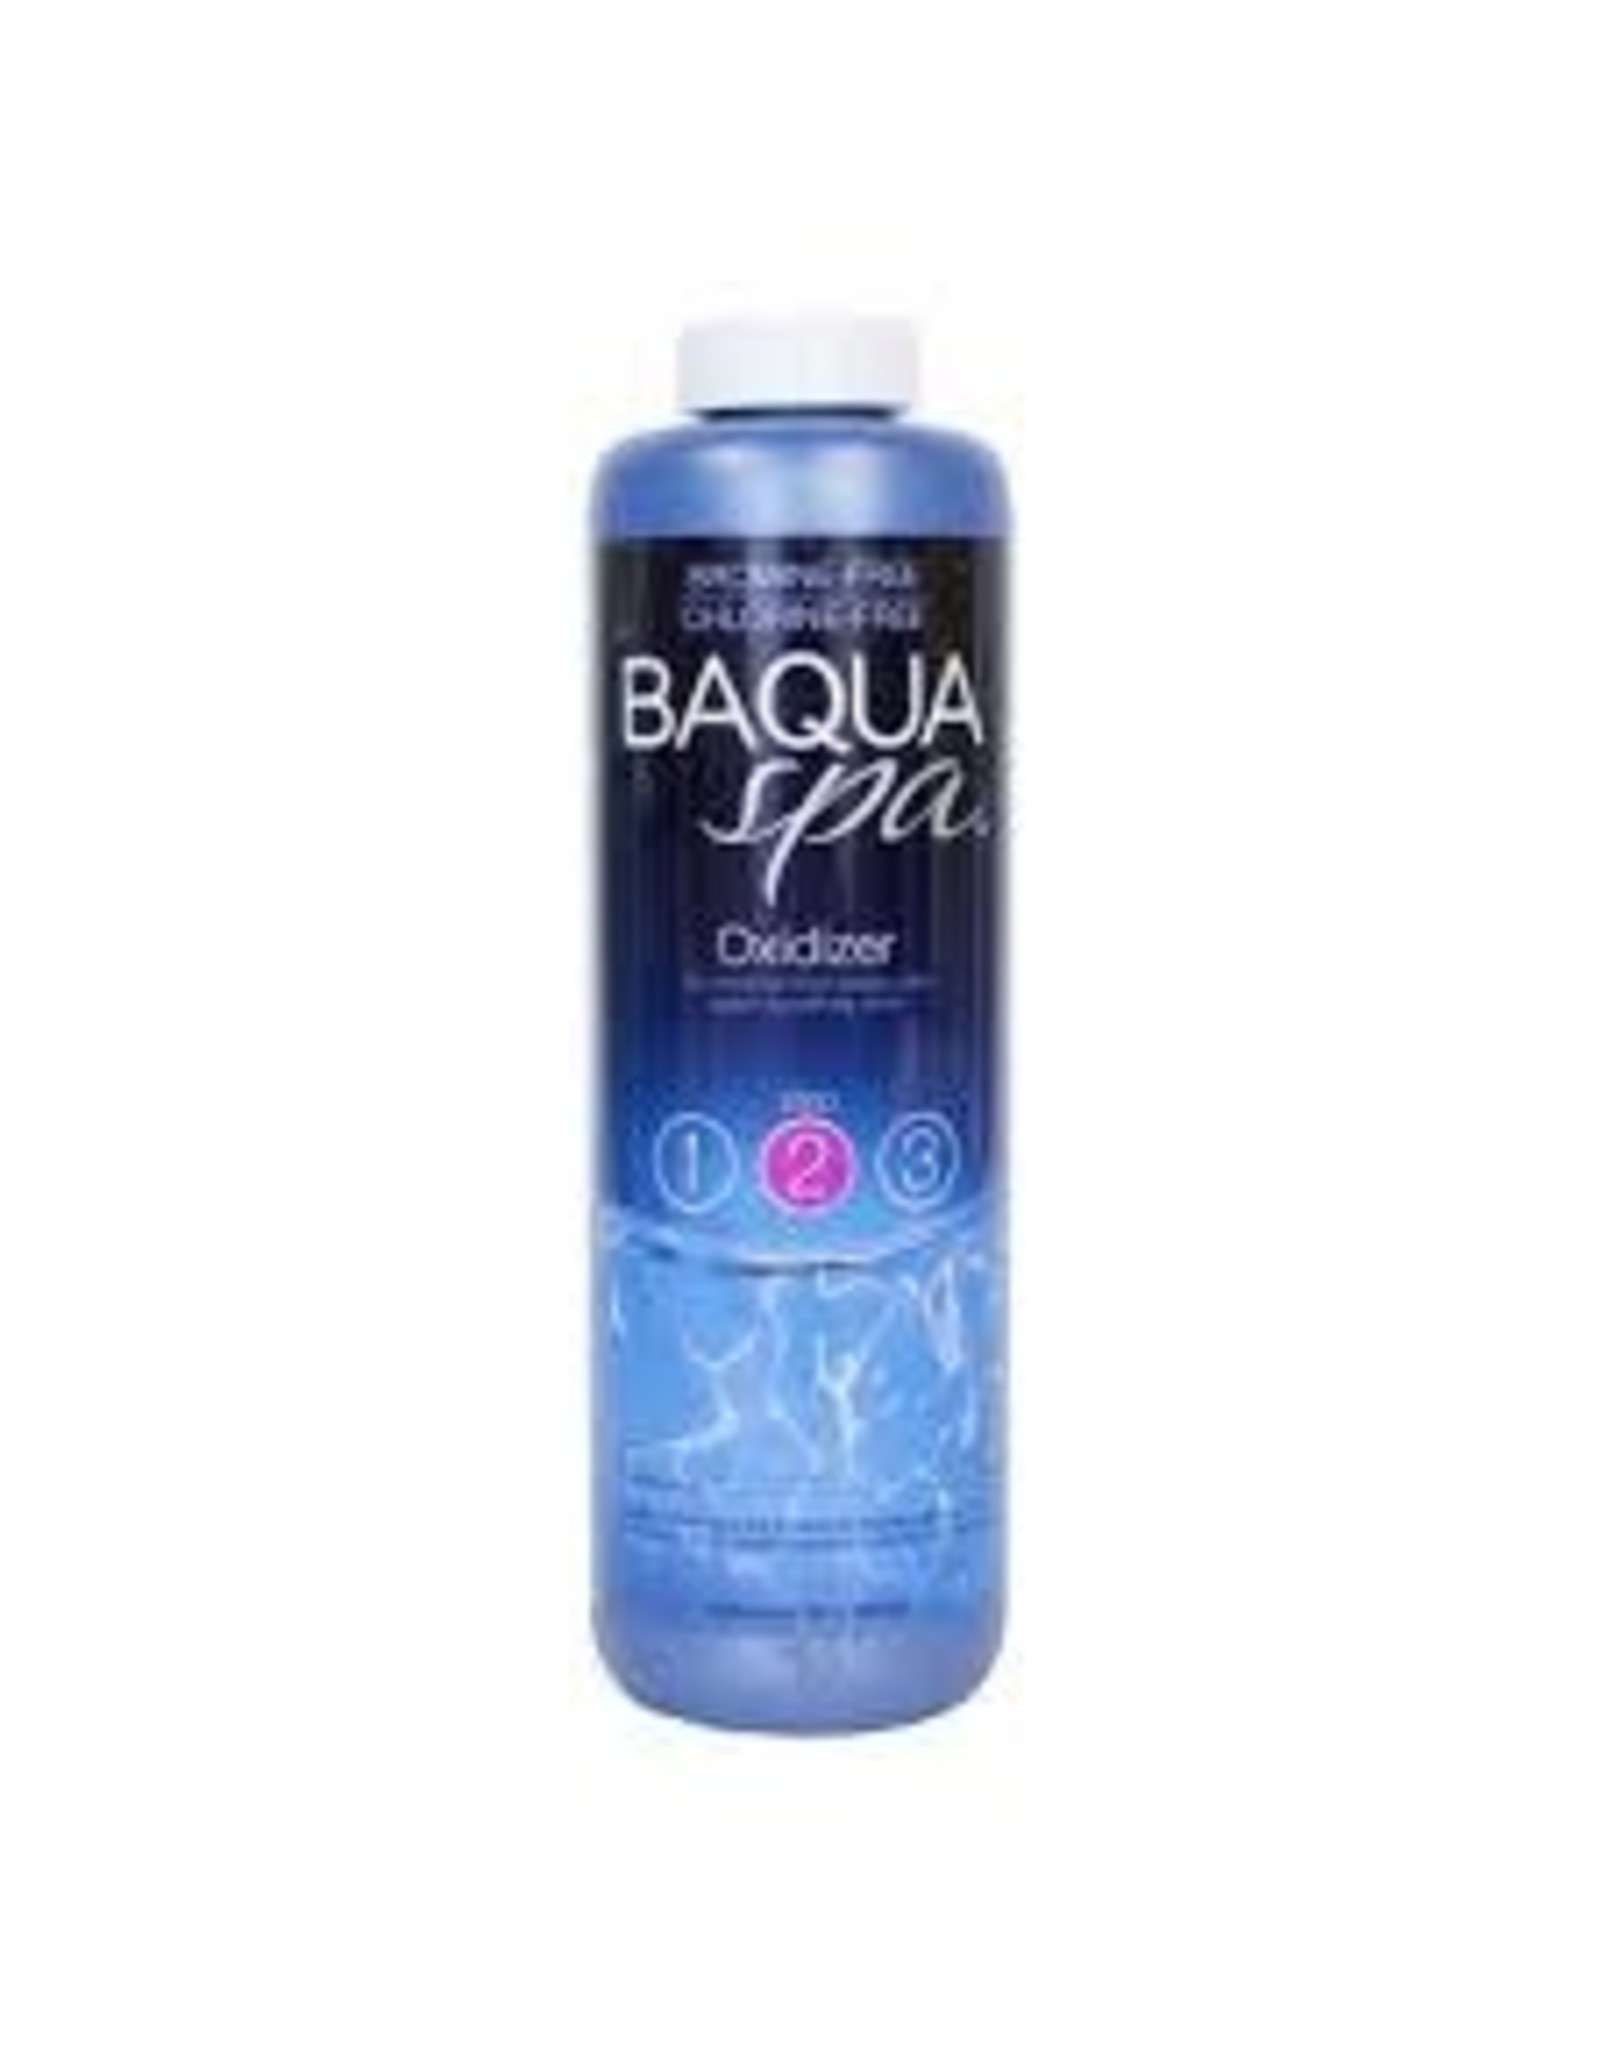 Baqua Oxidizer #2